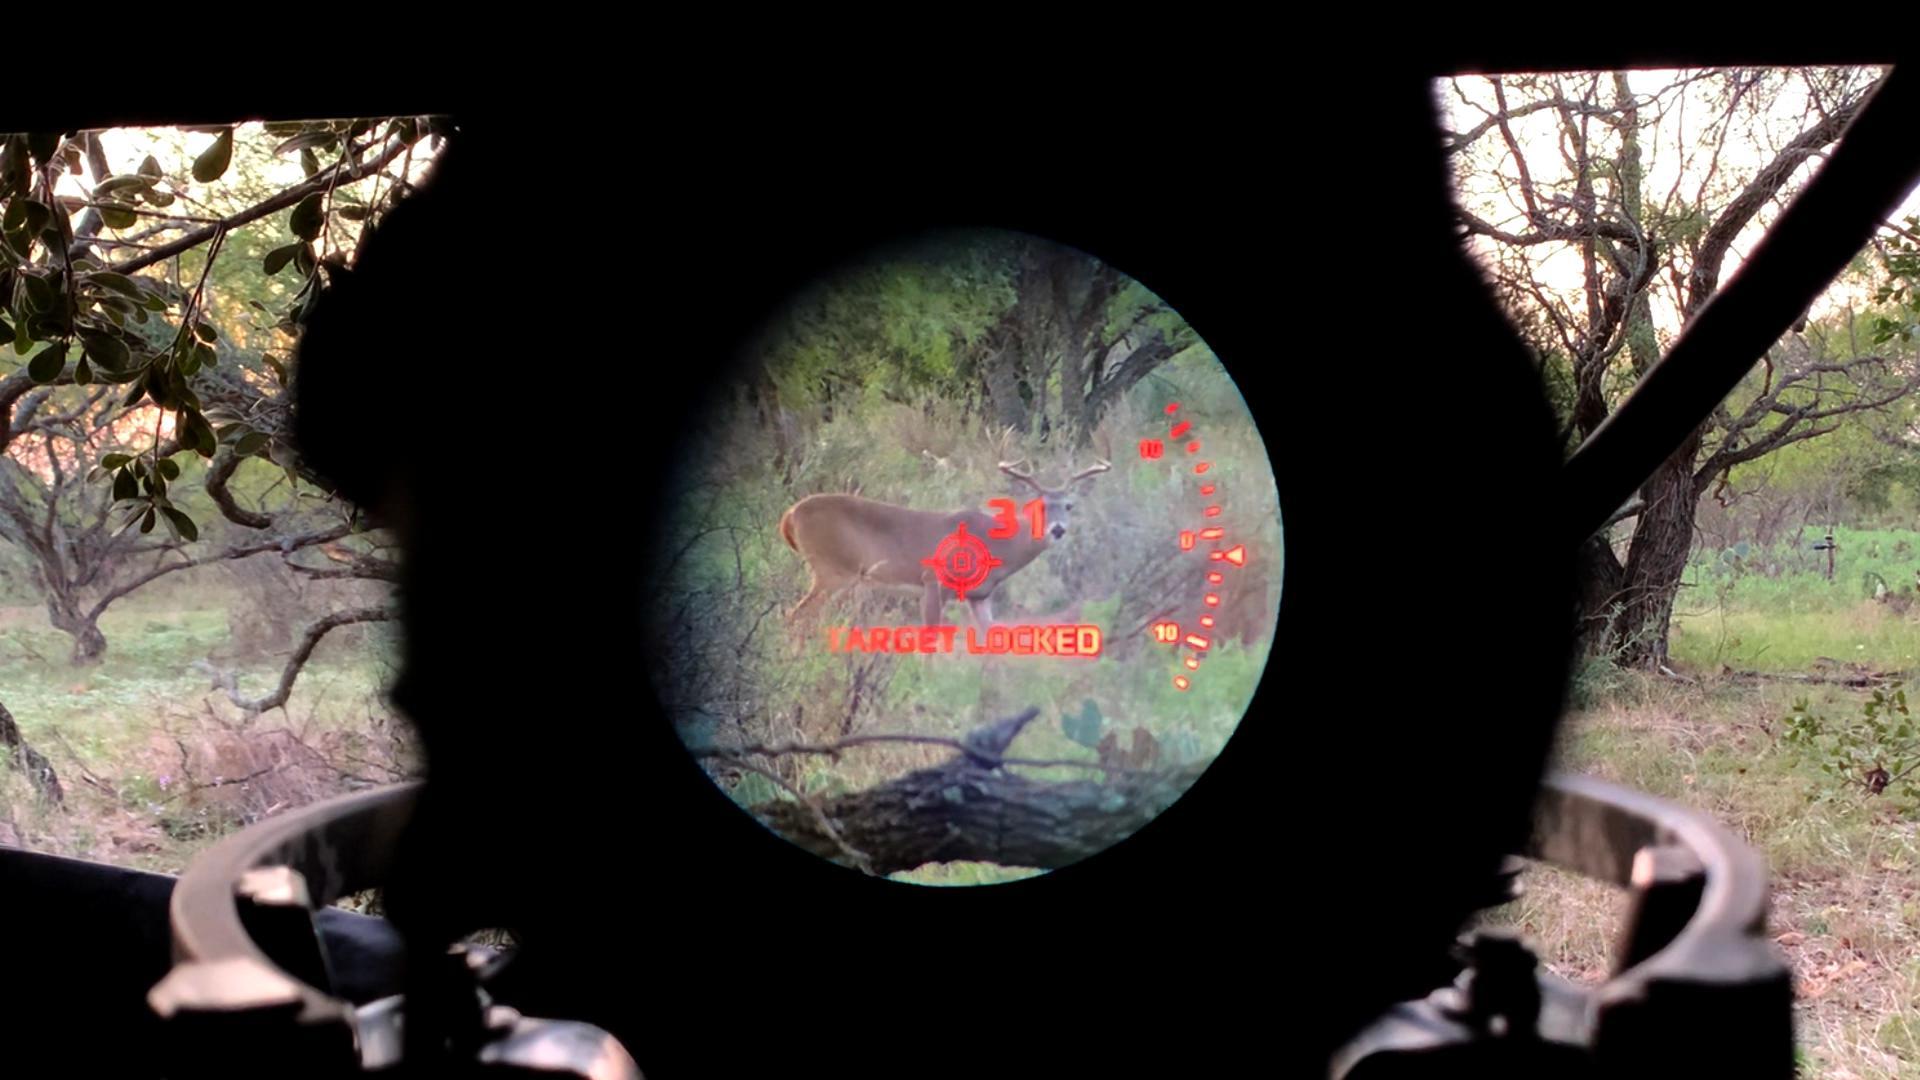 POV of Xero X1i Crossbow Sight